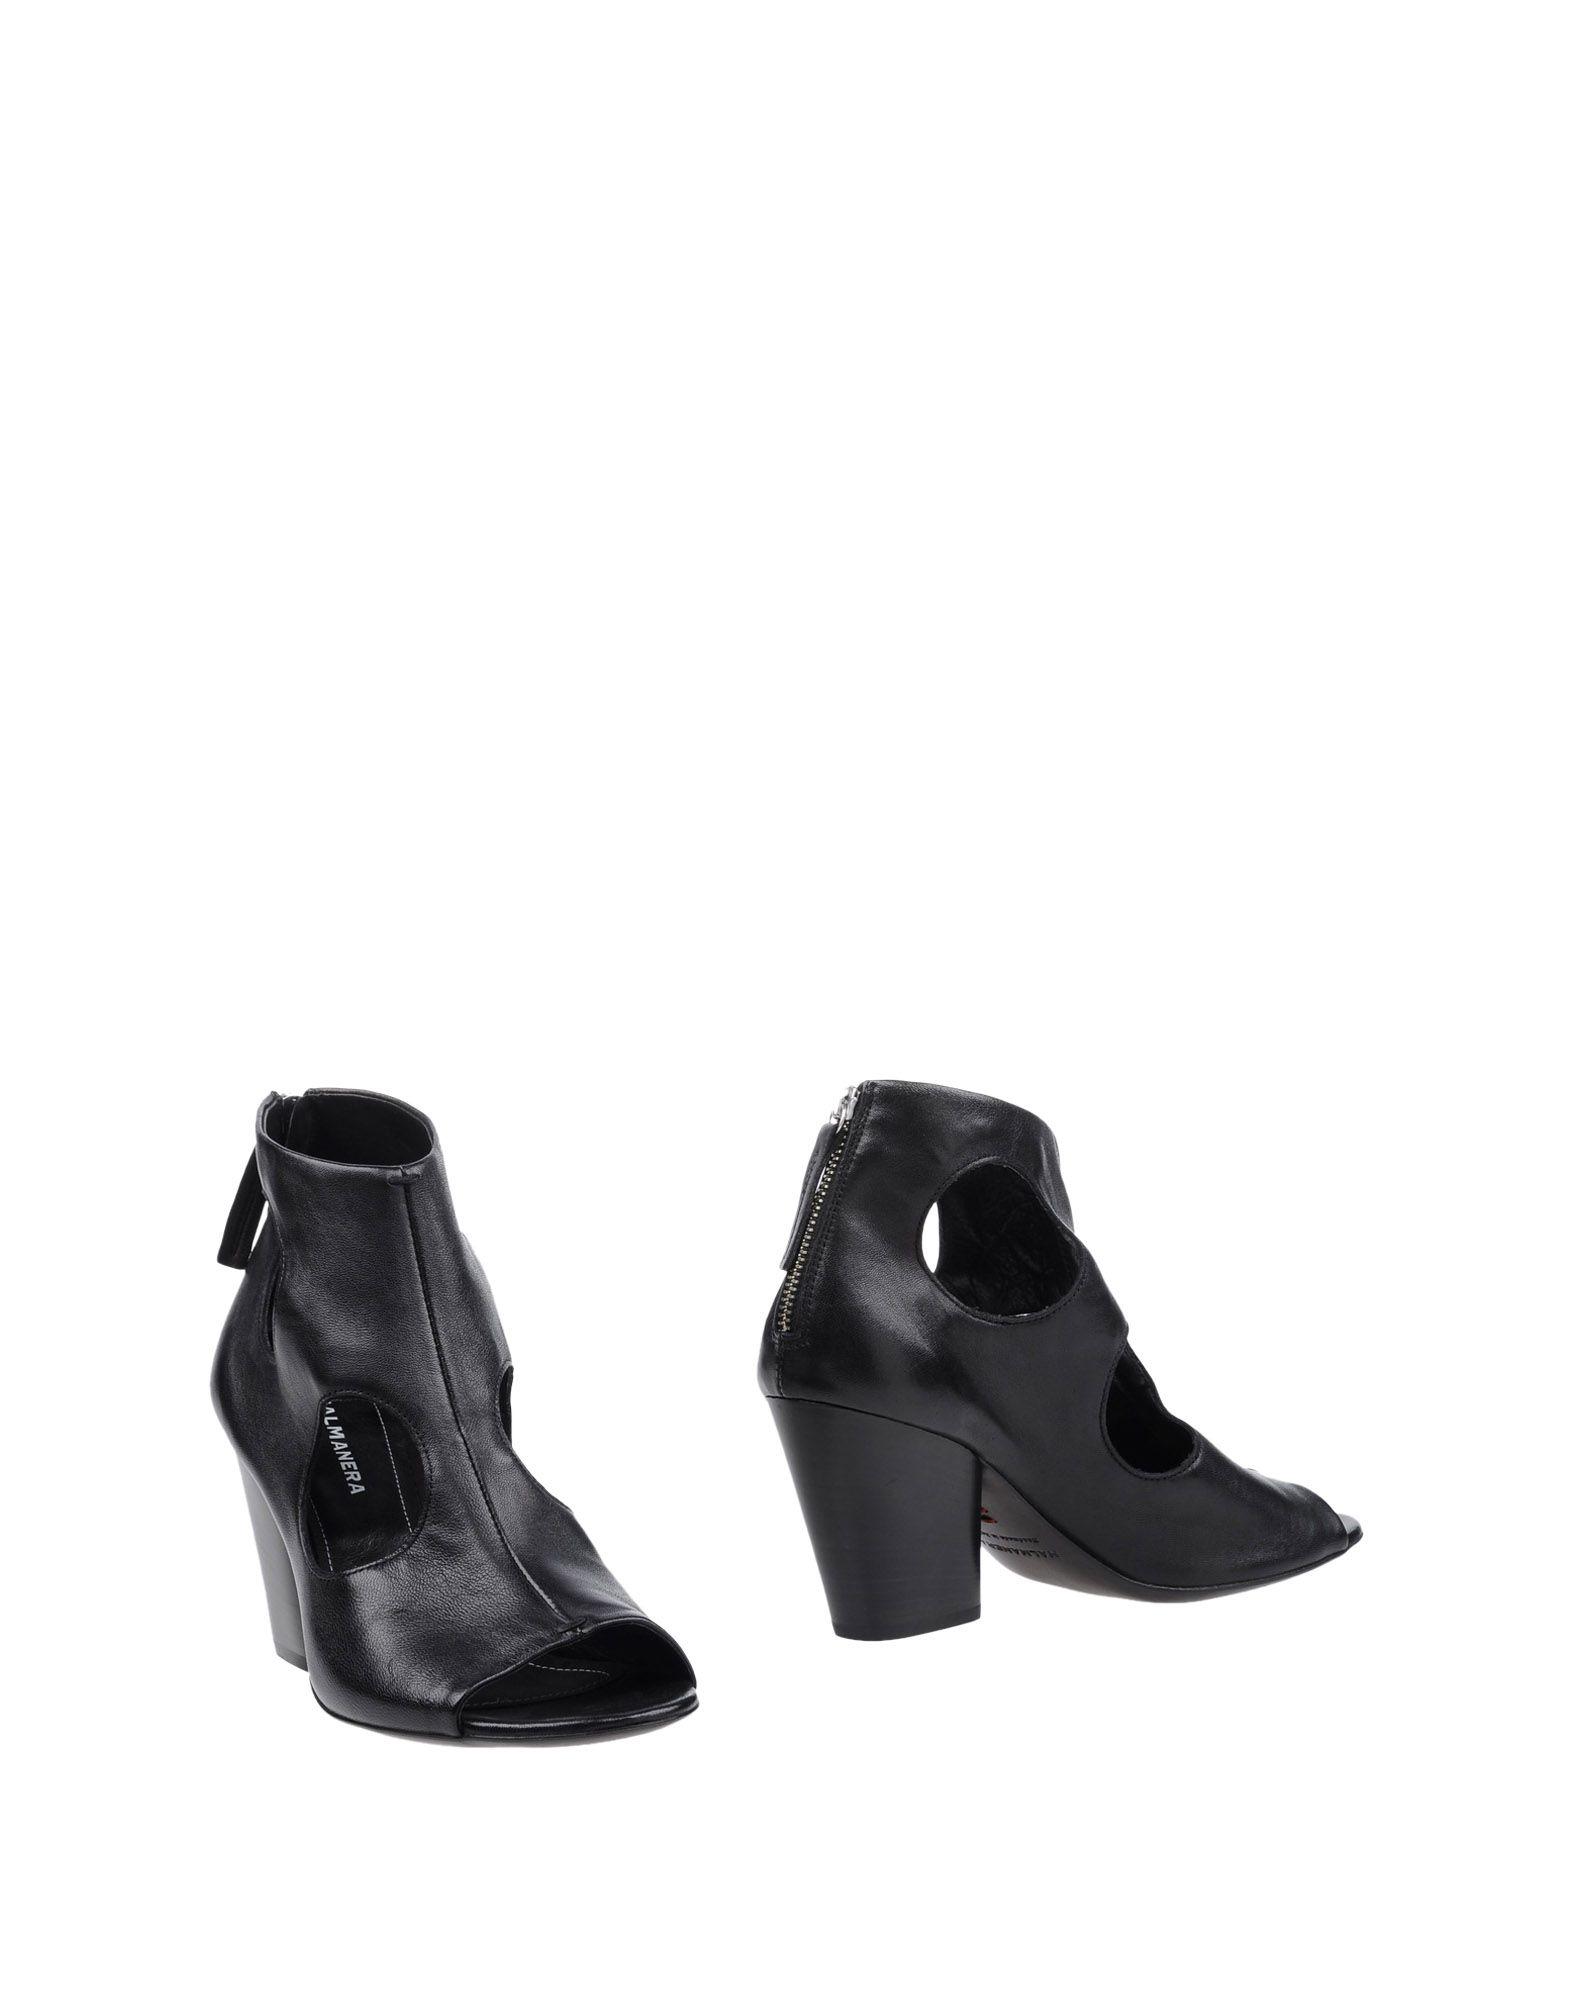 Haltbare Mode billige Schuhe Halmanera Stiefelette Damen  11365505SJ Heiße Schuhe